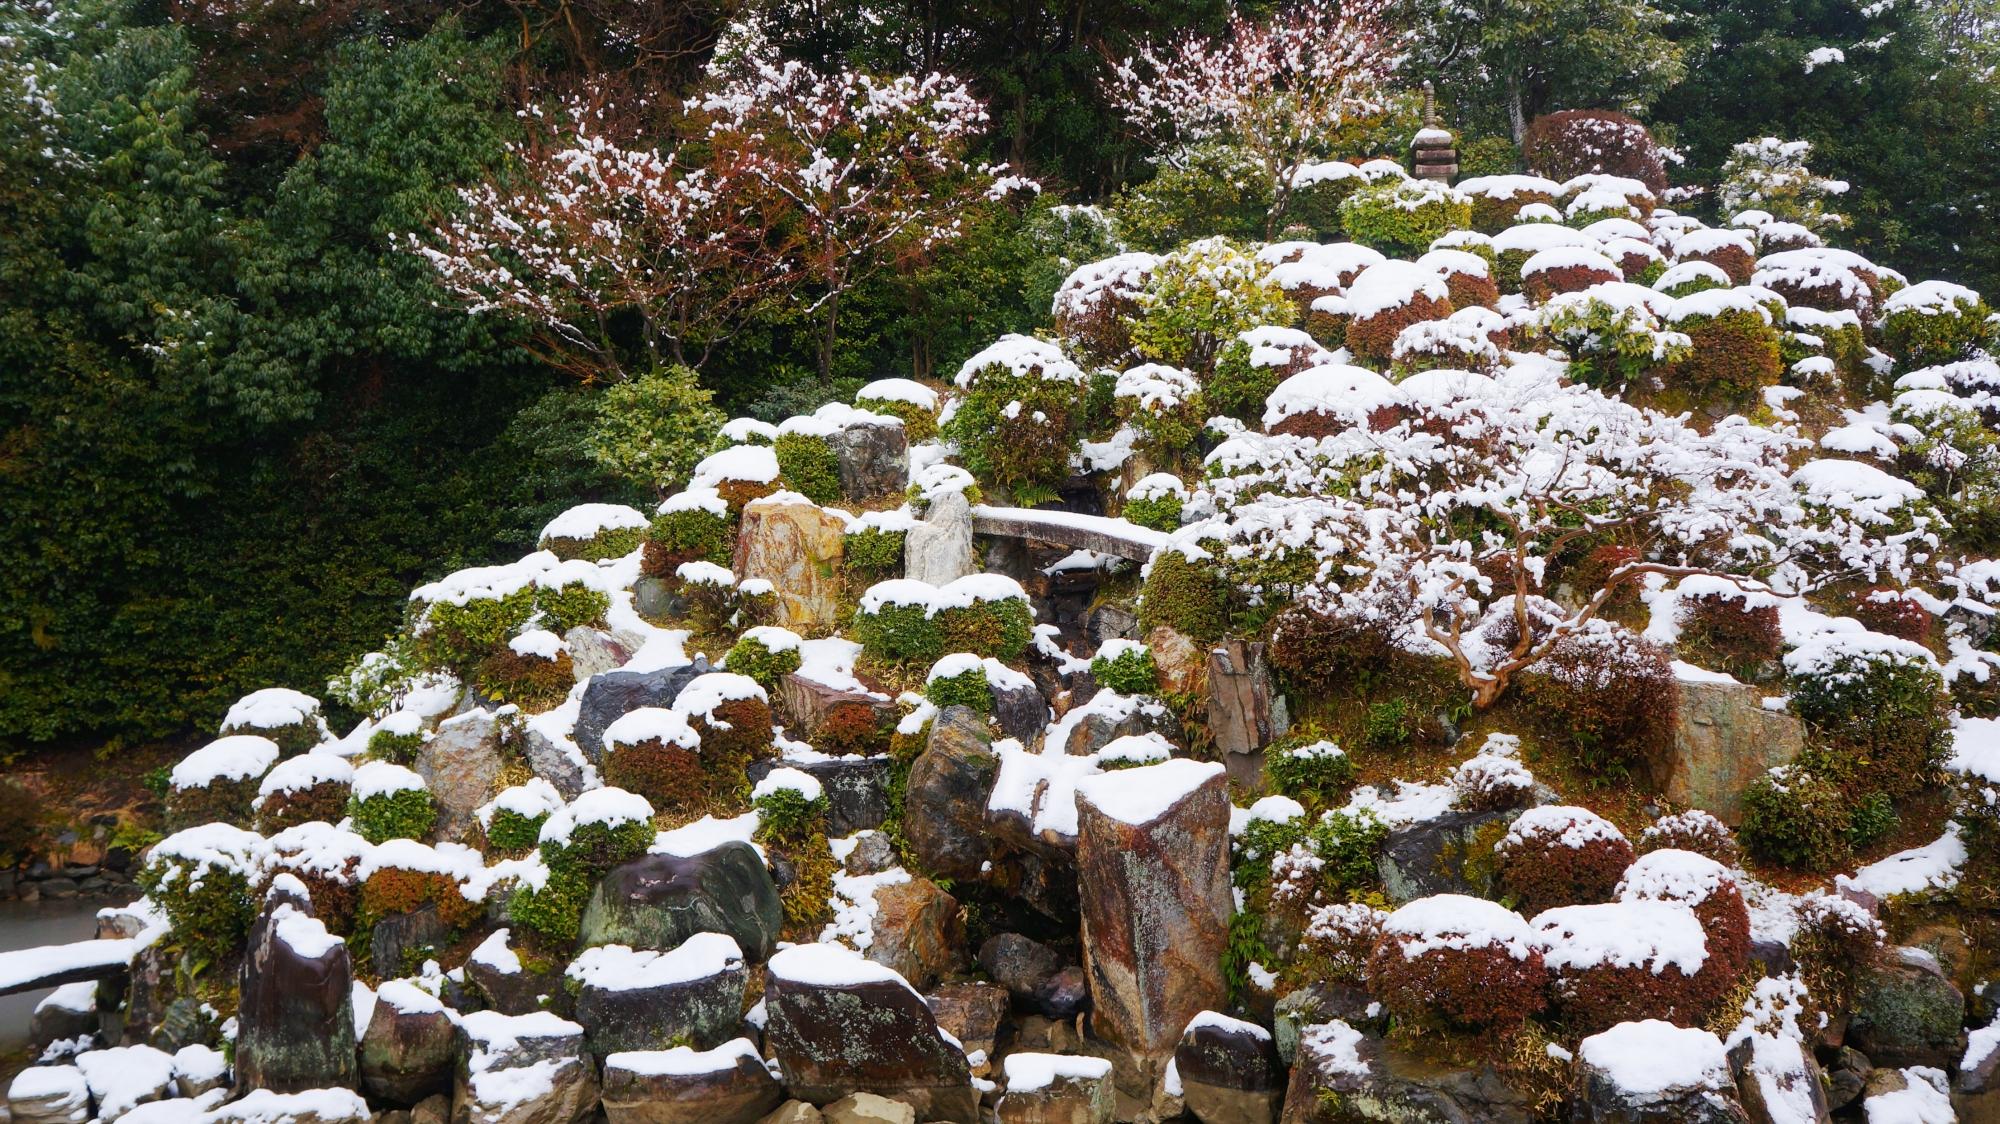 たくさんの岩やサツキの刈り込みが配された雪の庭園